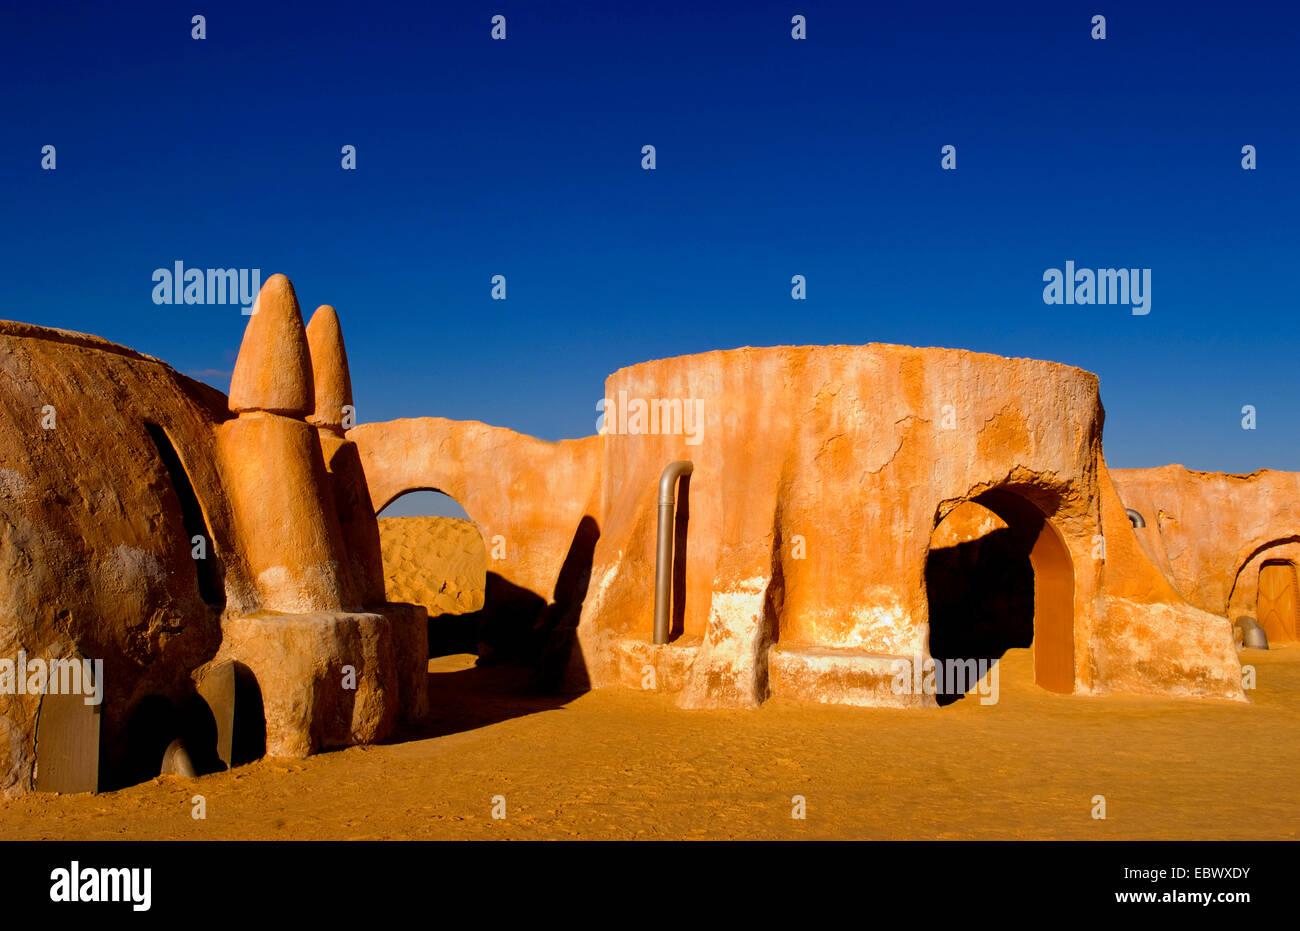 Berühmte Film-Set von Star Wars-Filme in der Sahara Wüste in der Nähe von Tozeur, Tunesien Stockbild